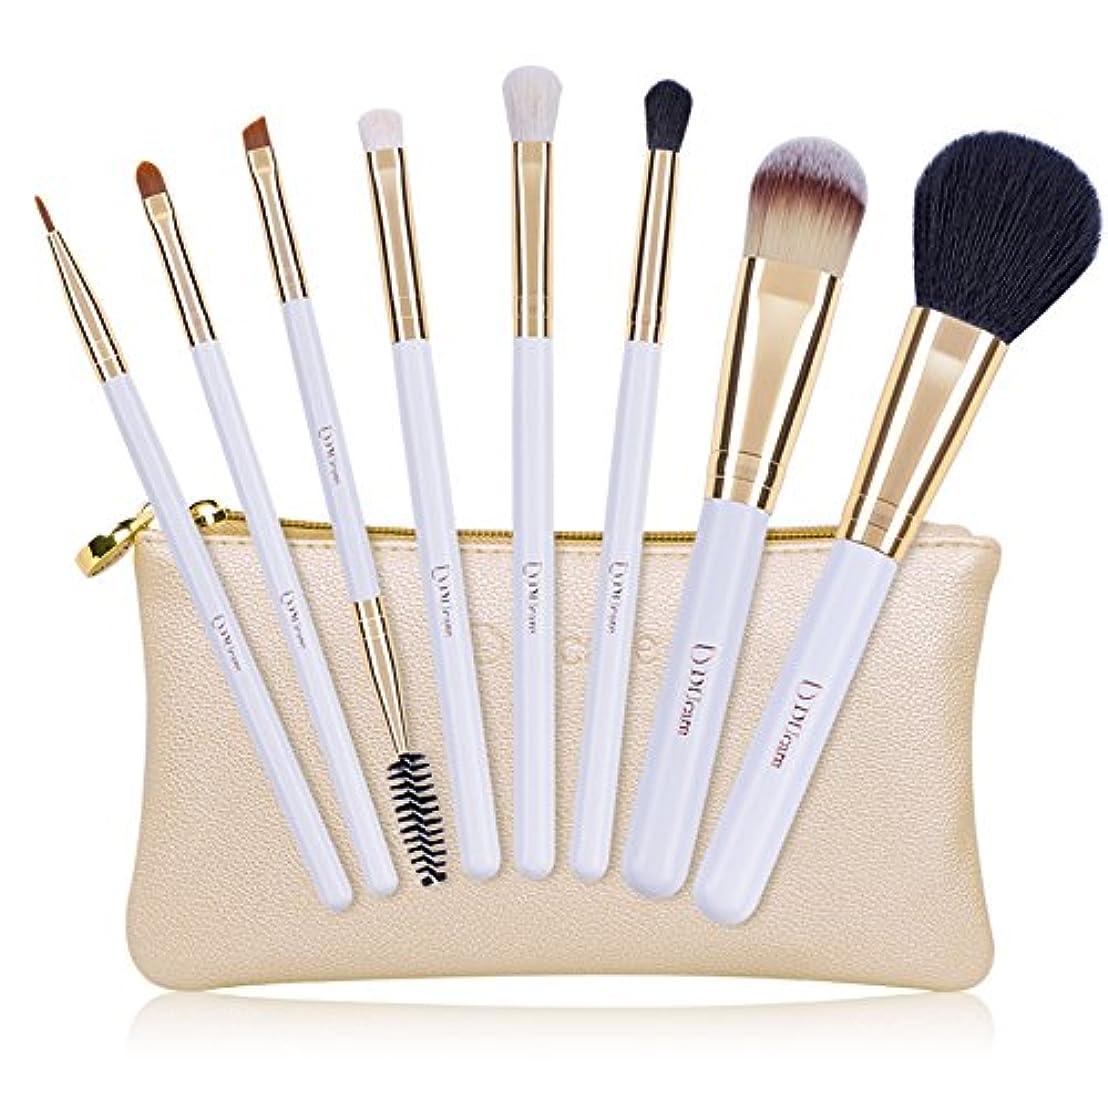 アクセシブル小康パズルドゥケア(DUcare) 化粧筆 メイクブラシ 8本セット 白尖峰&高級タクロン使用 ゴールドのレザー風化粧ポーチ付き